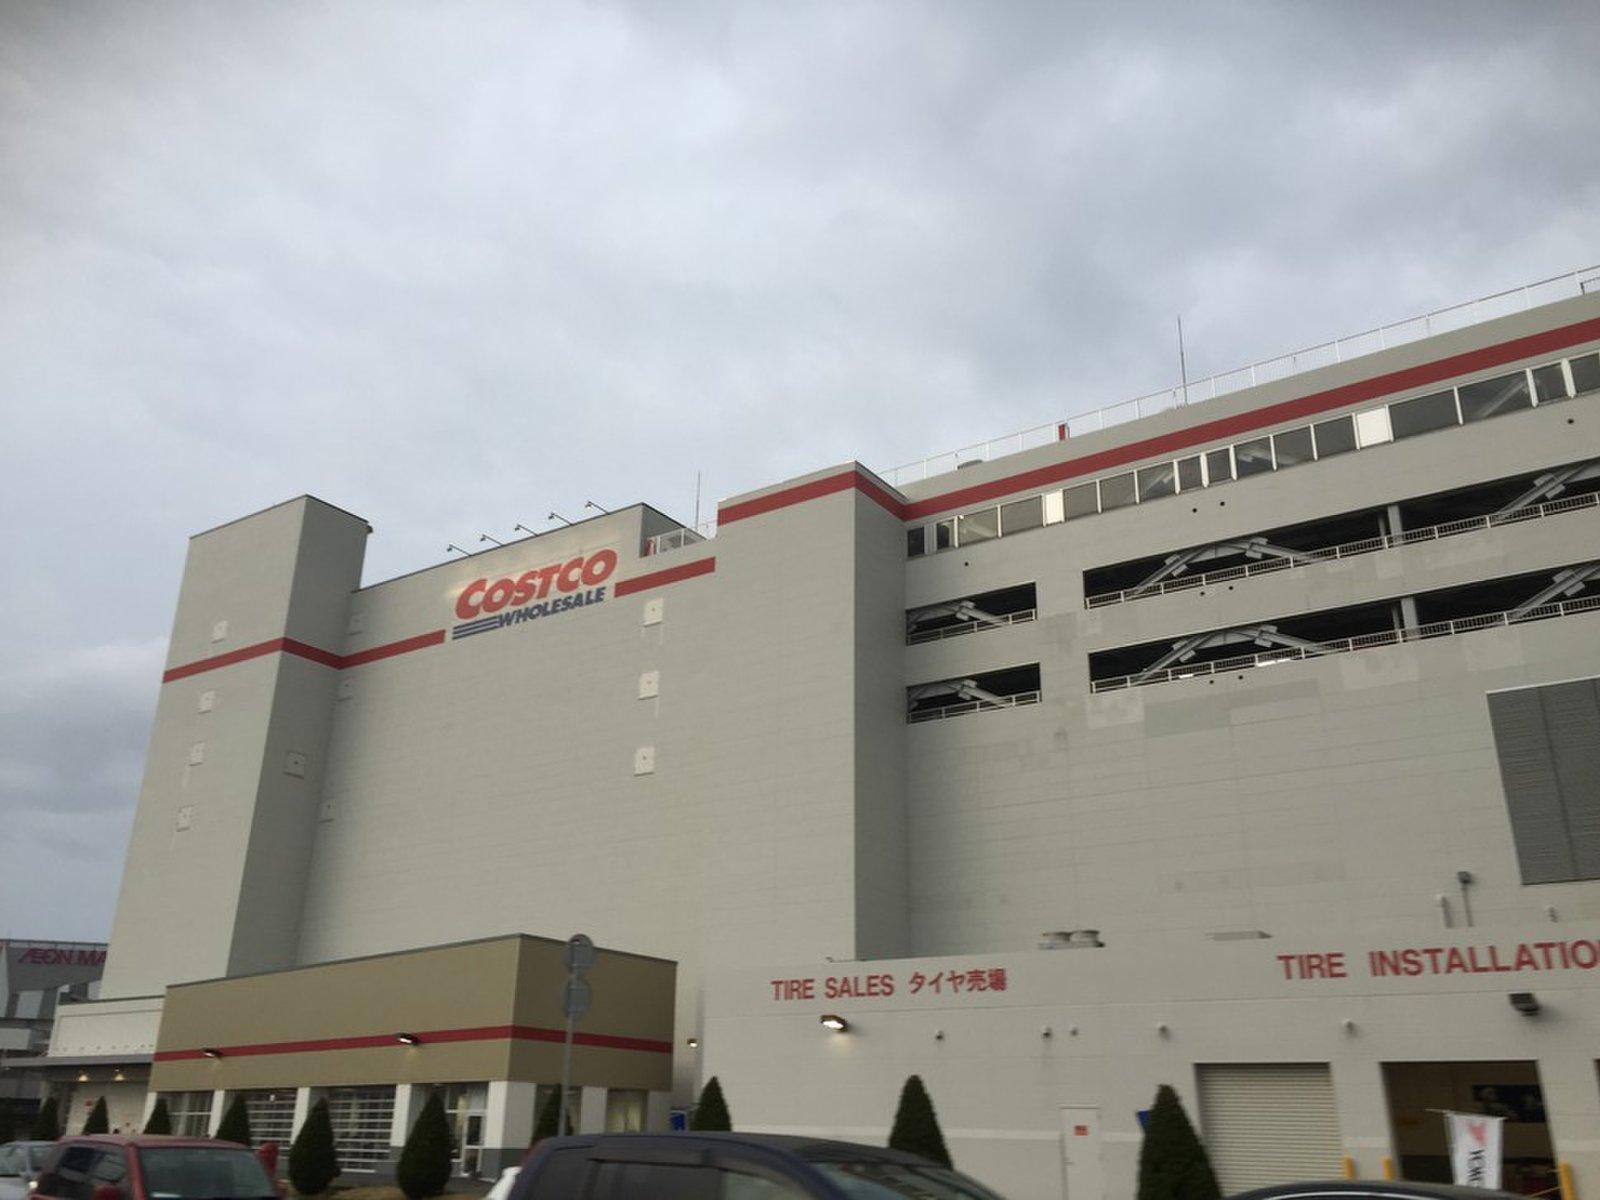 コストコ フードコート 幕張倉庫